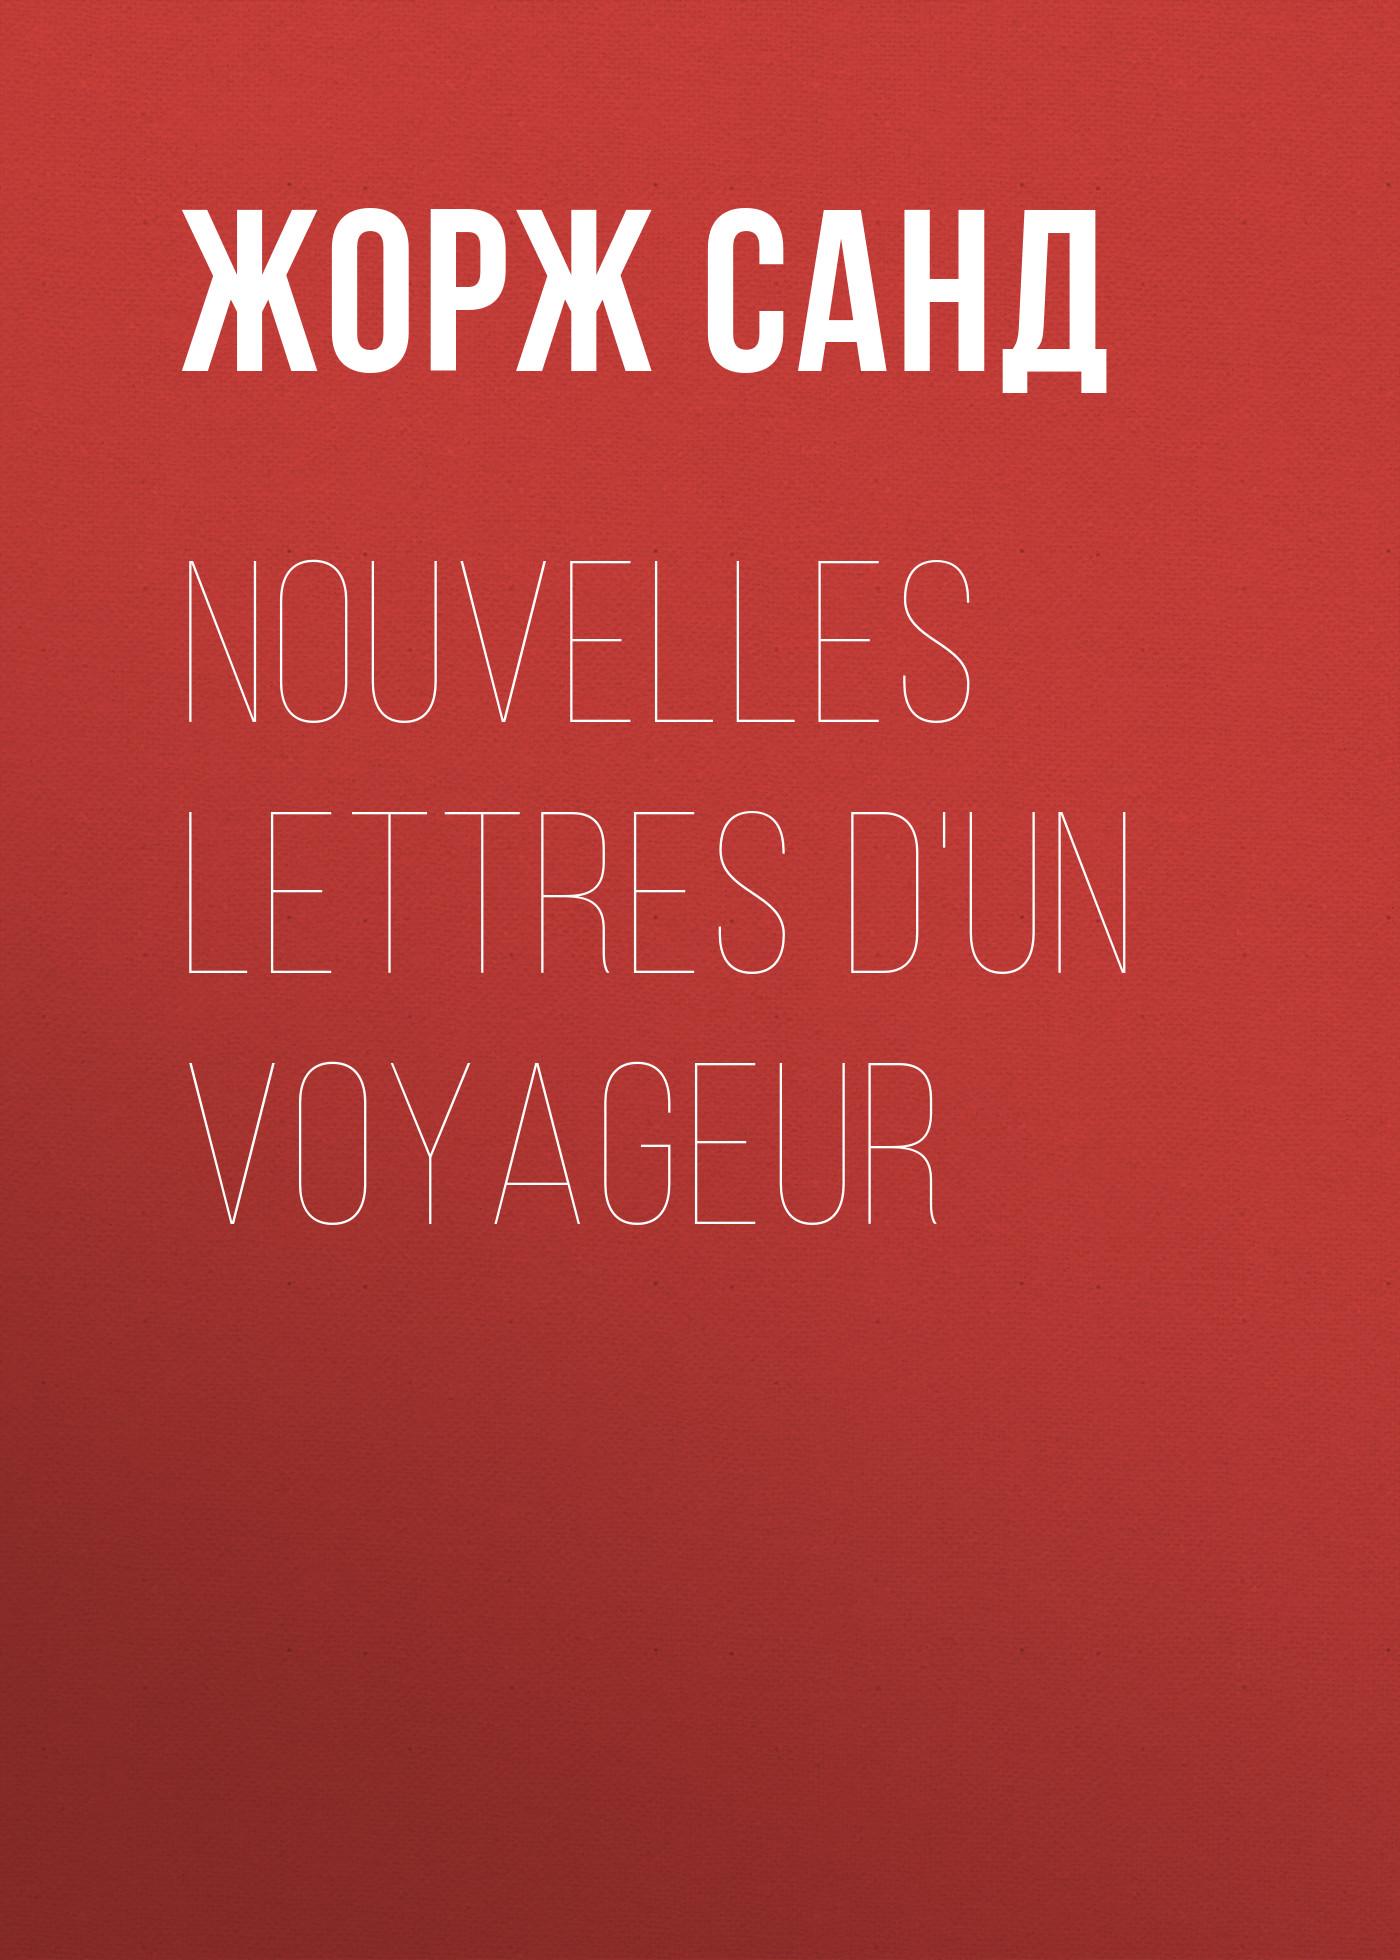 Жорж Санд Nouvelles lettres d'un voyageur enigma voyageur